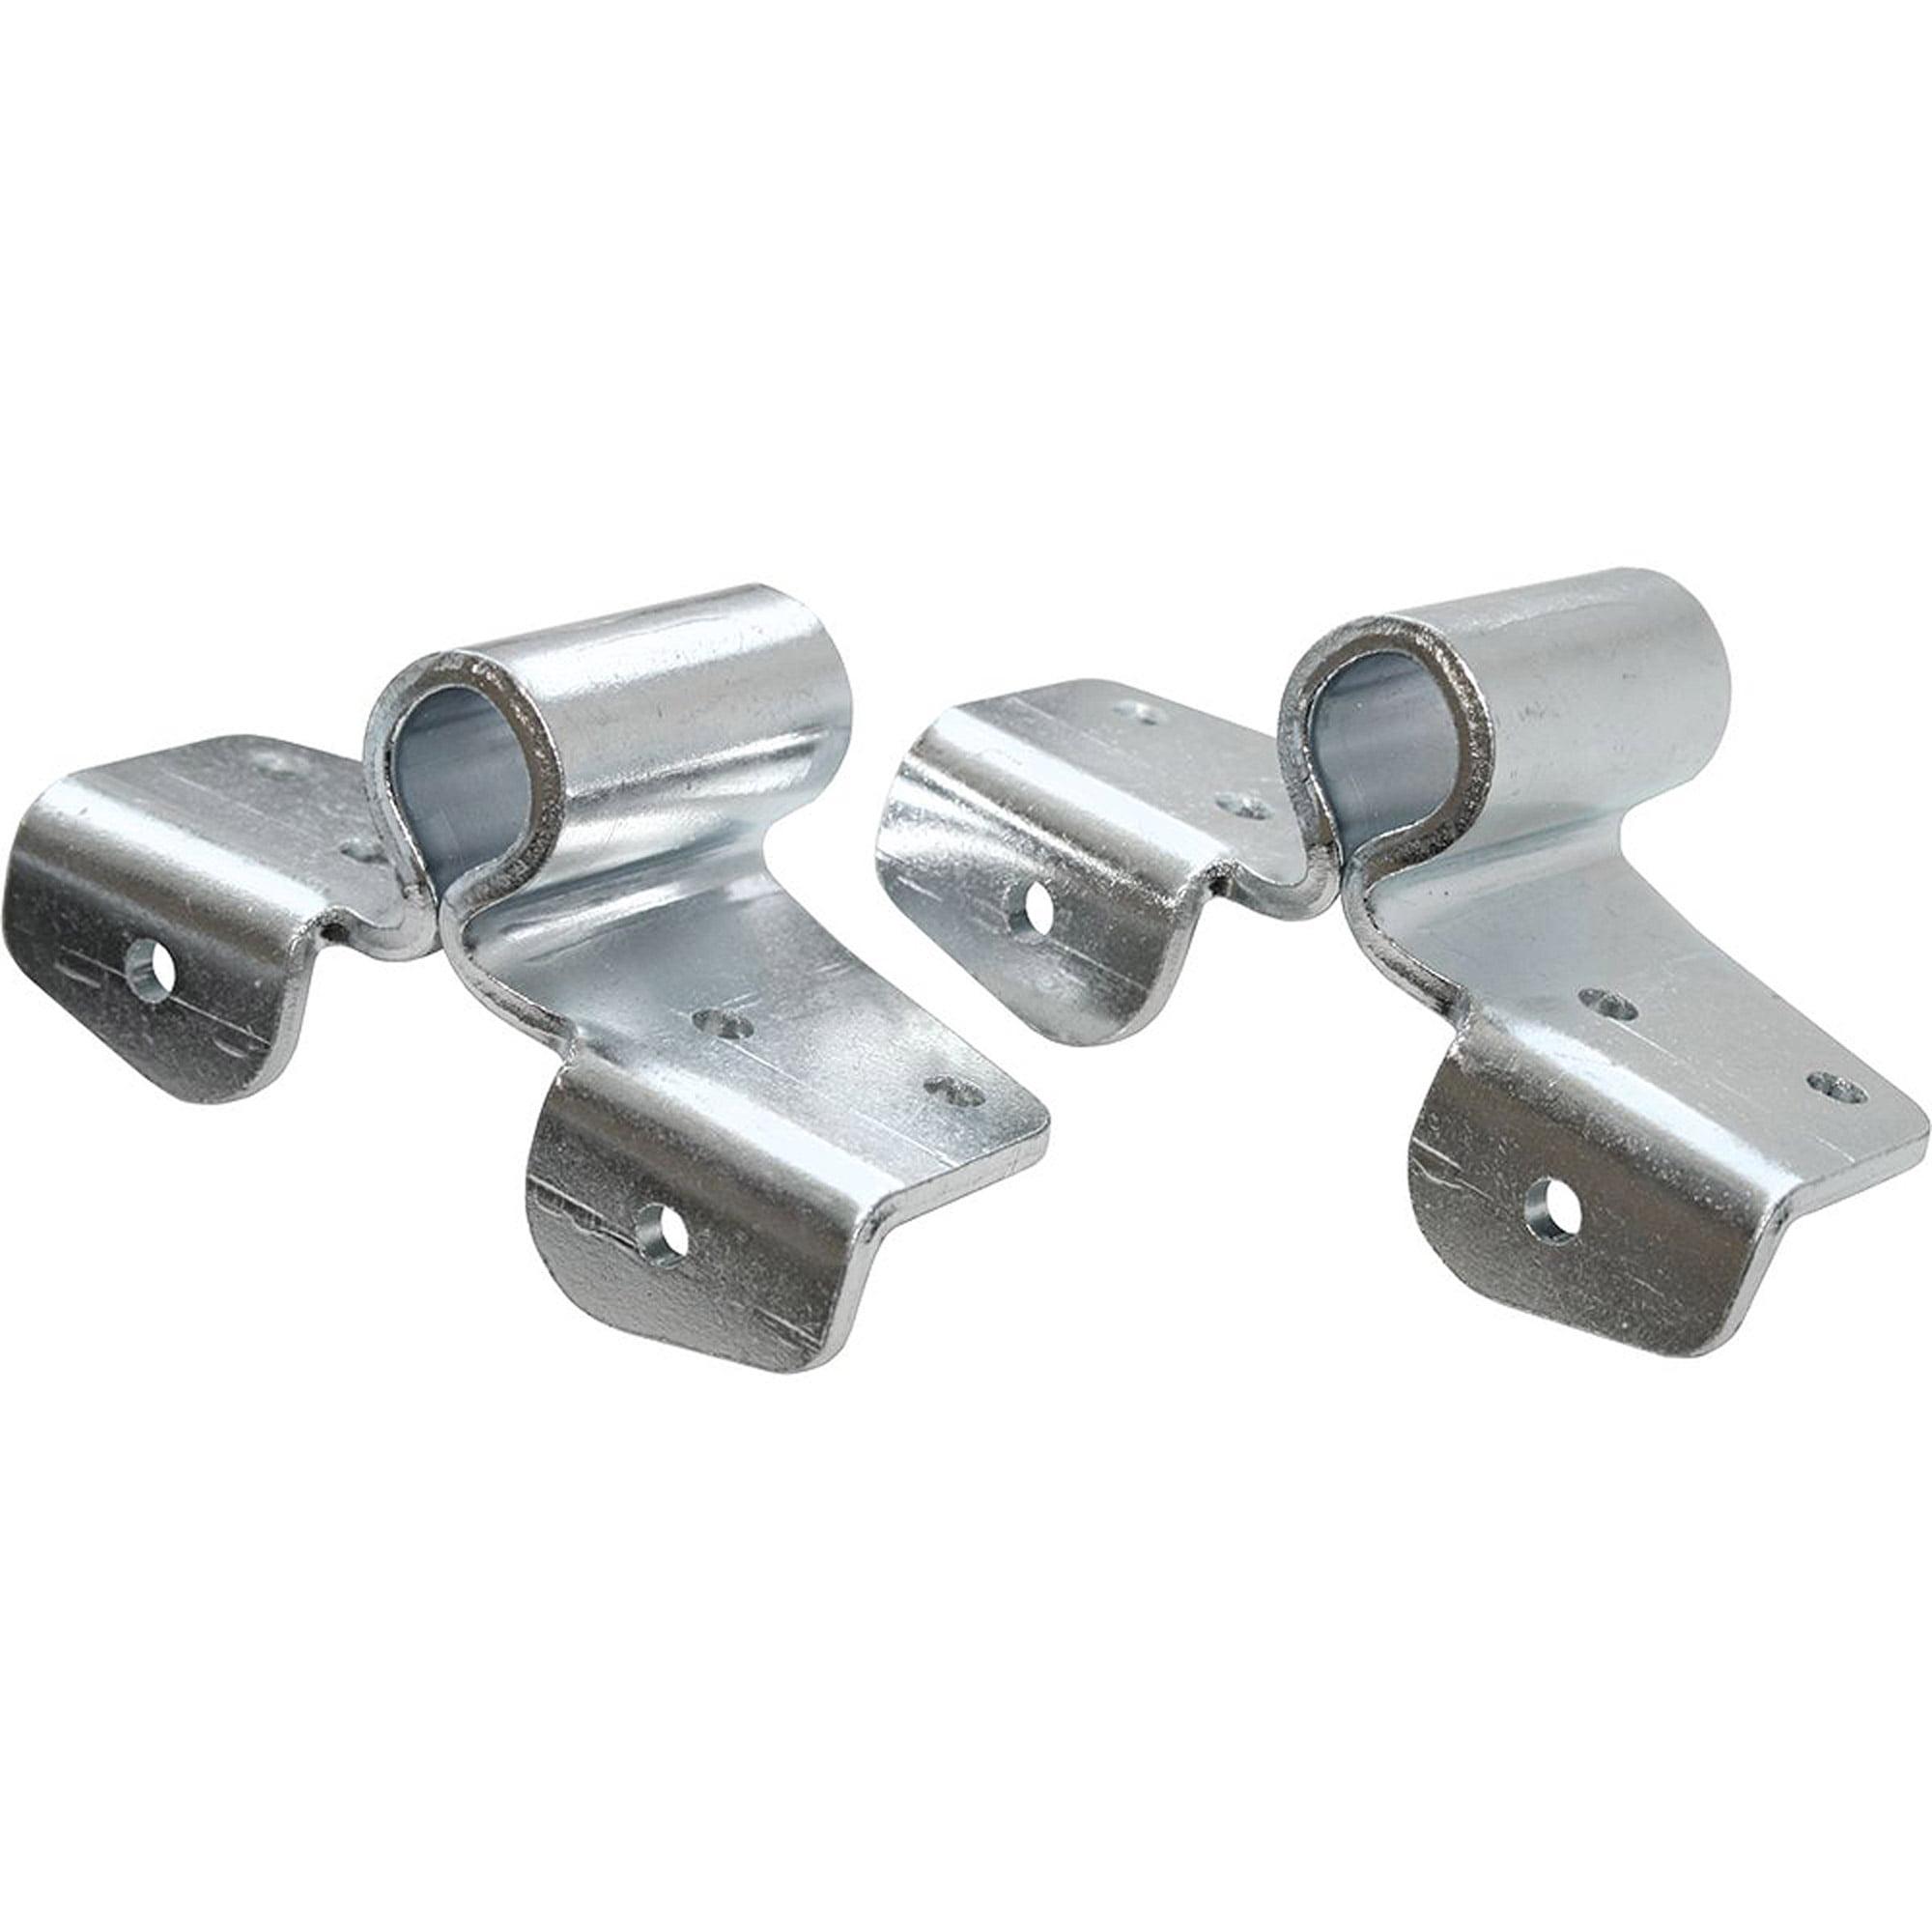 """SeaSense Zinc-Plated Steel Oarlock Sockets with 1 2"""" Shank, Pair by Generic"""